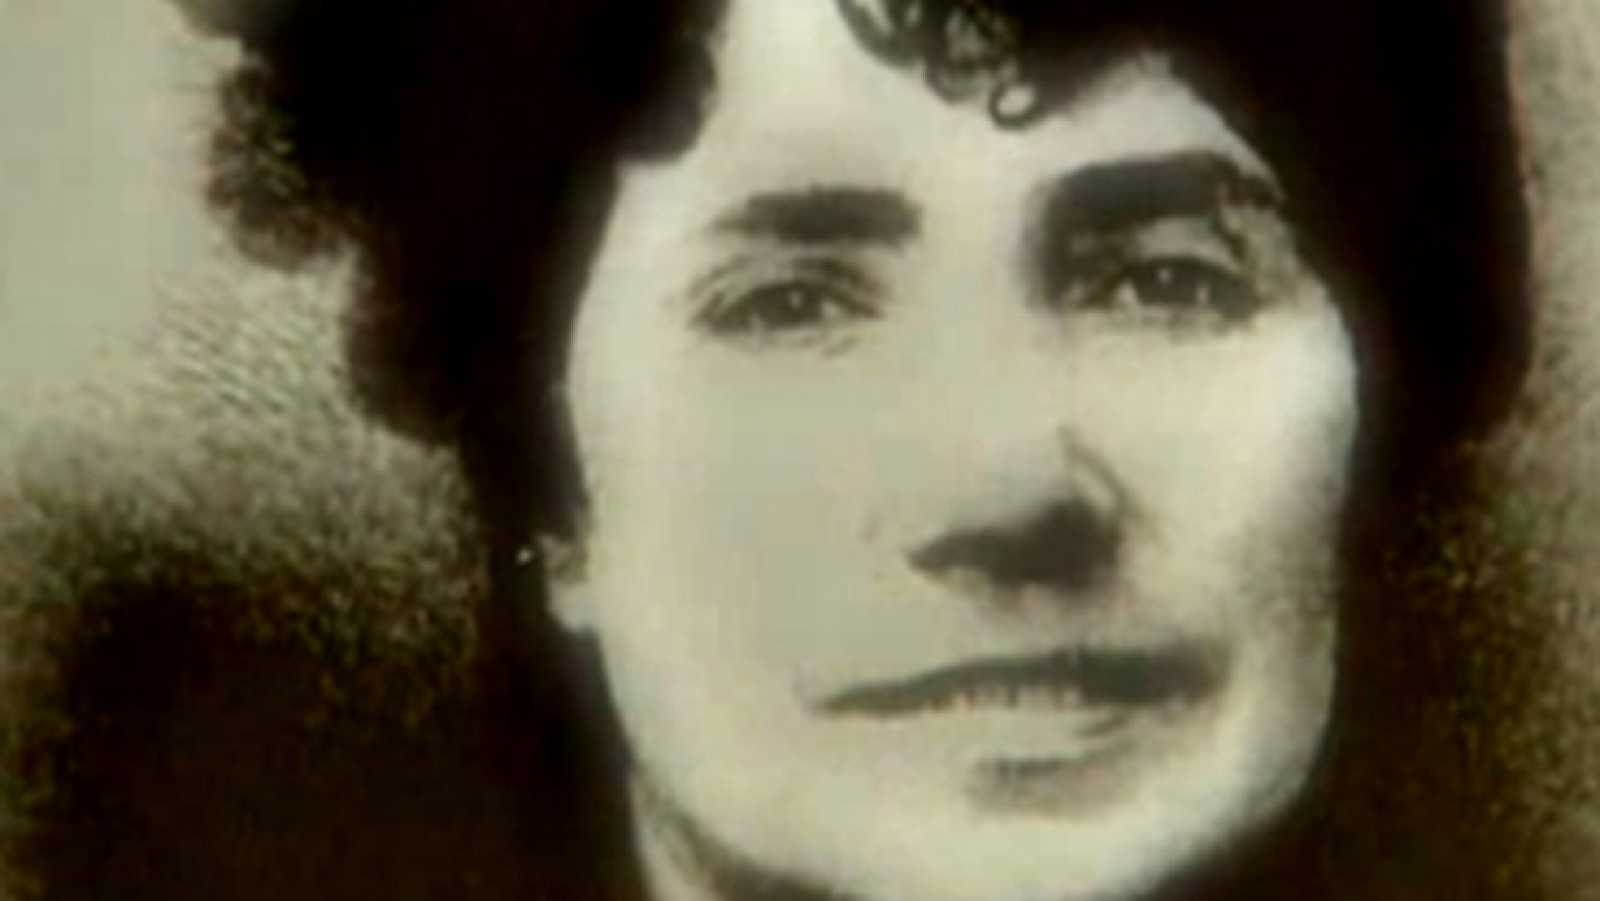 Mujeres en la historia - Rosalía de Castro, feminista en